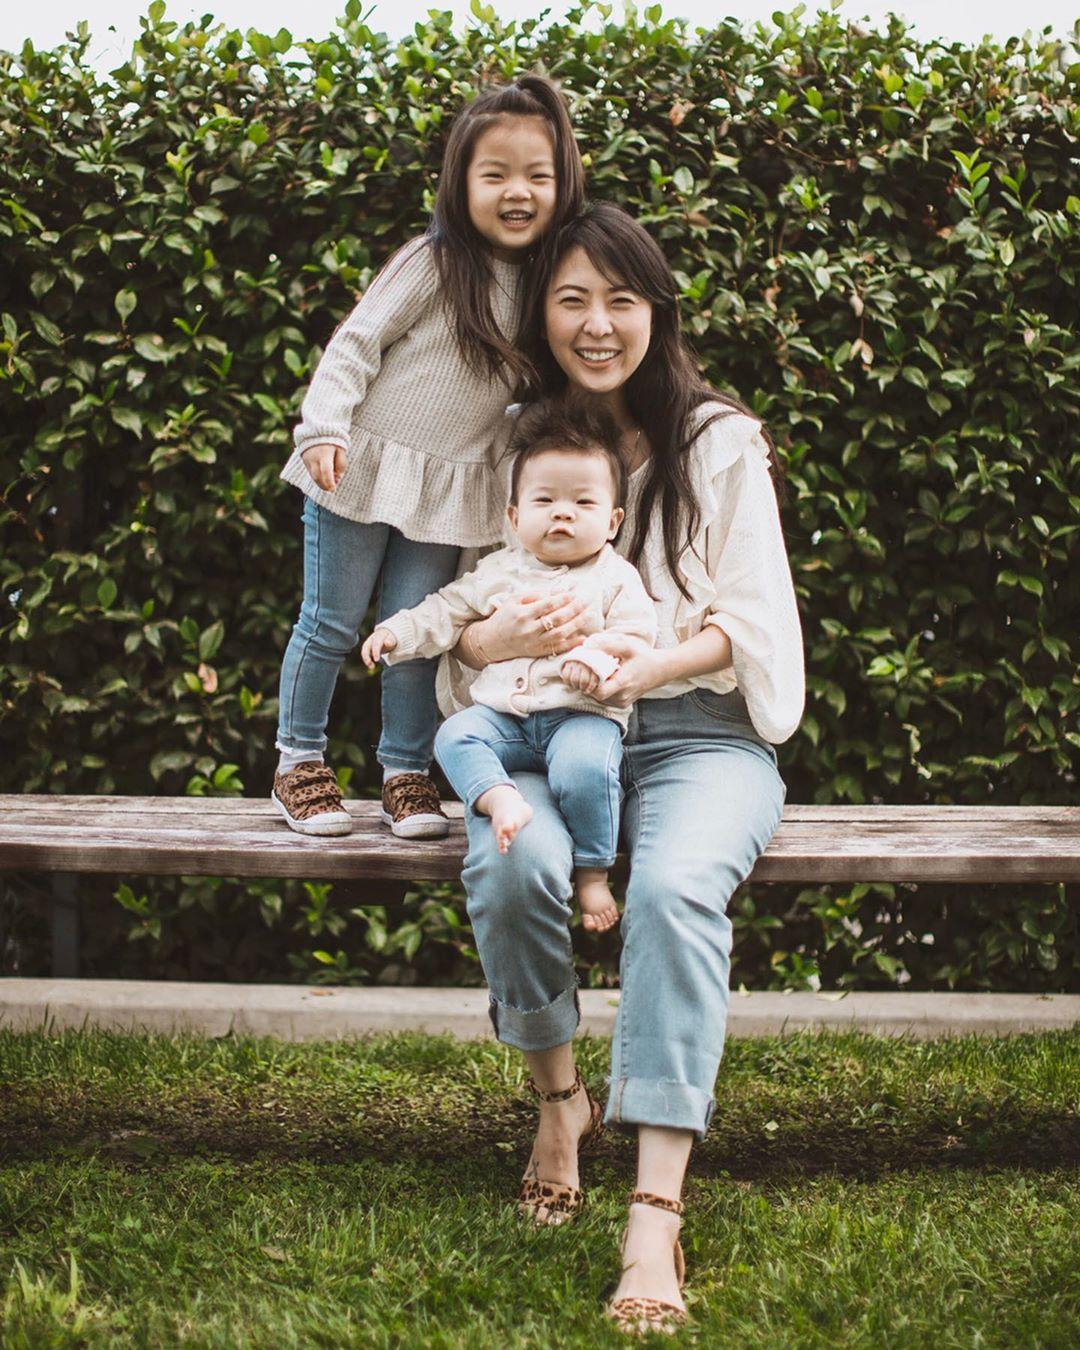 Laura Izumikawa mặc trang phục ở nhà áo sơ mi trắng và quần jeans